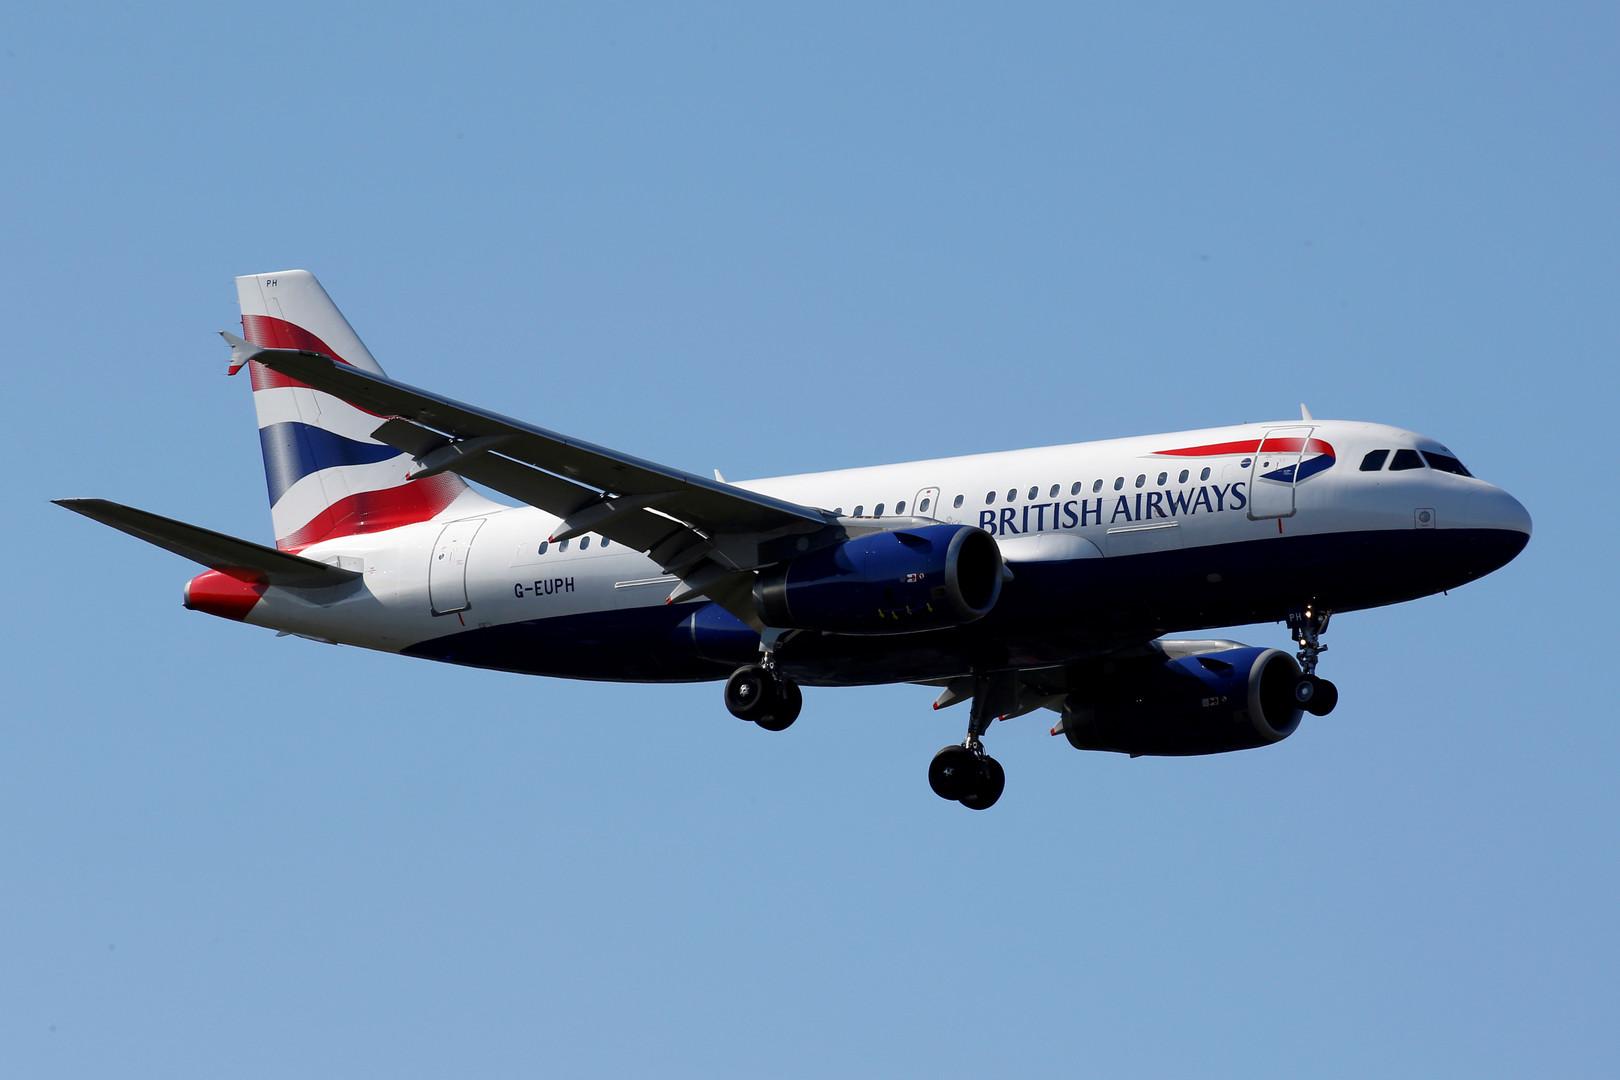 الخطوط الجوية البريطانية تعلق رحلاتها إلى القاهرة لأسبوع كـ